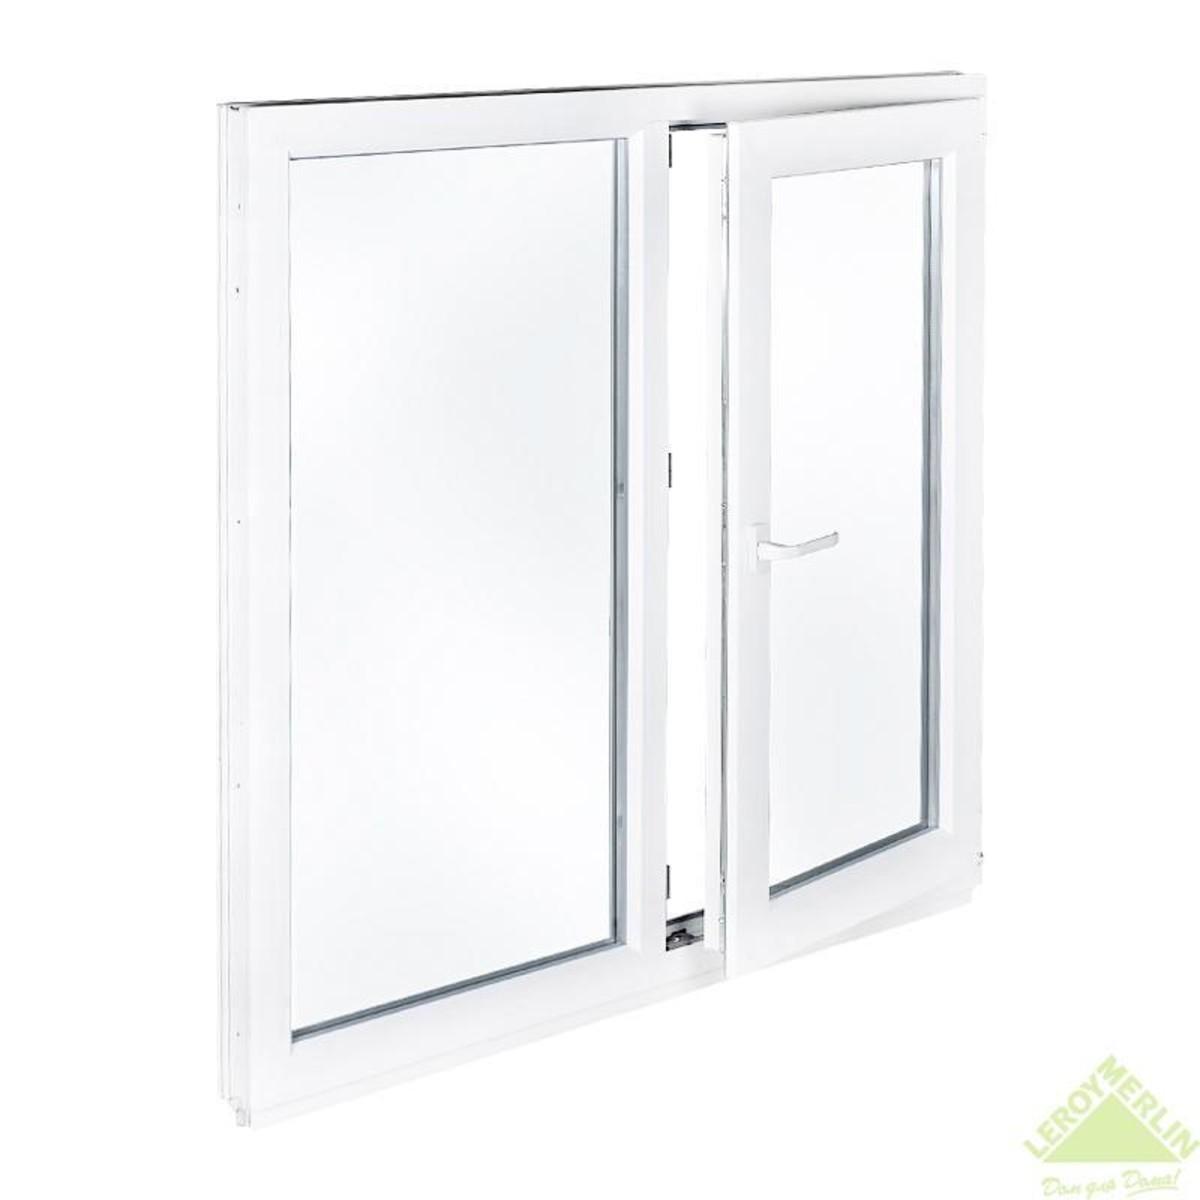 Окно ПВХ двустворчатое 116х100 см правое